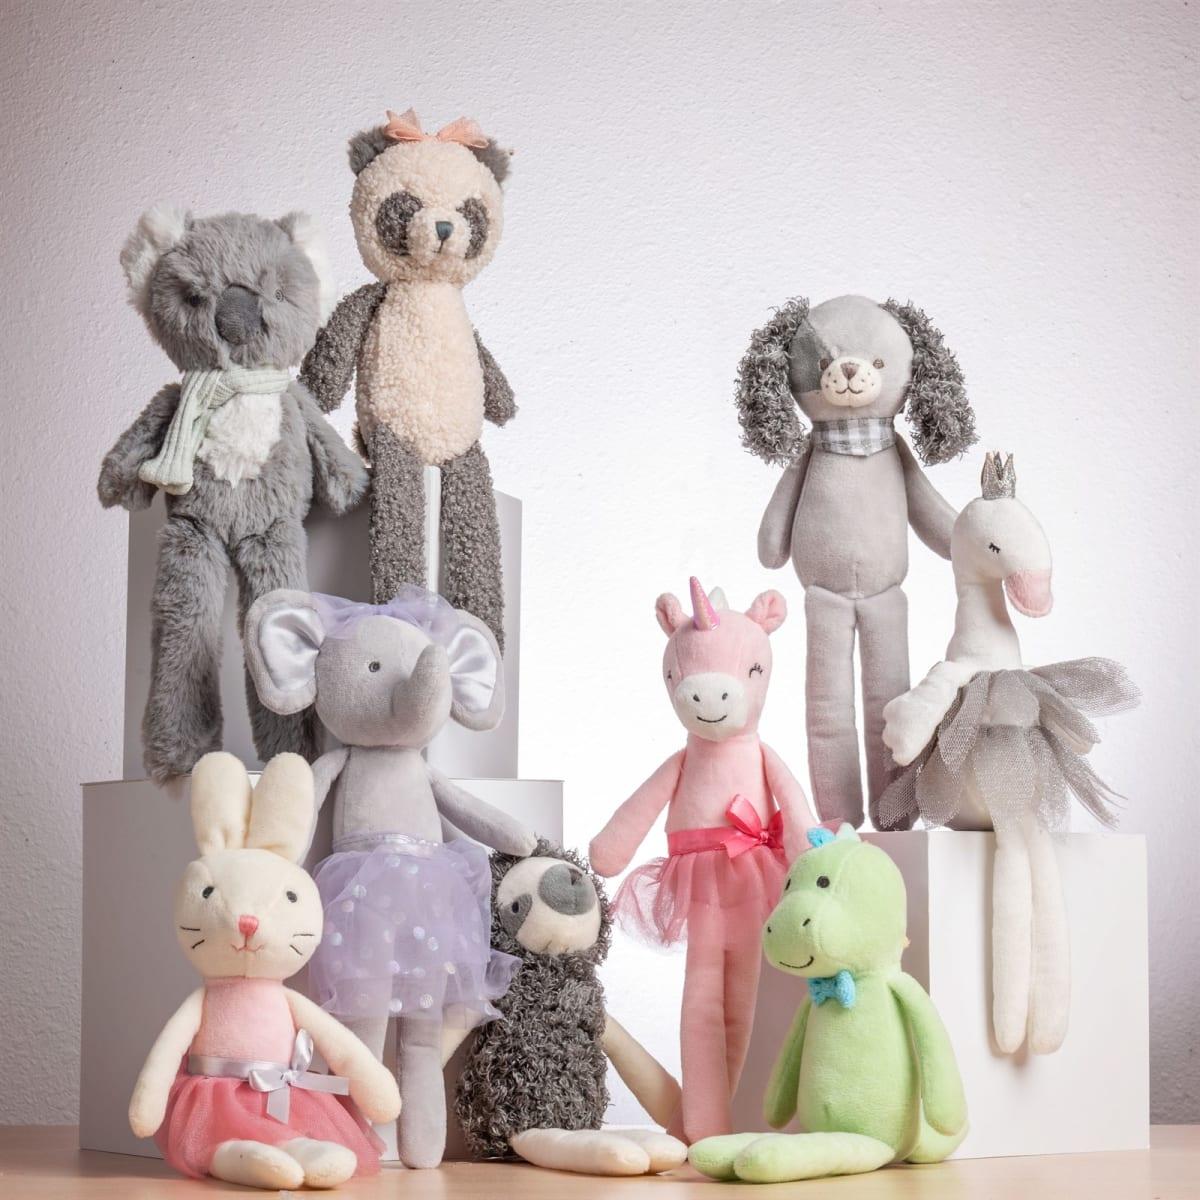 plush dolls